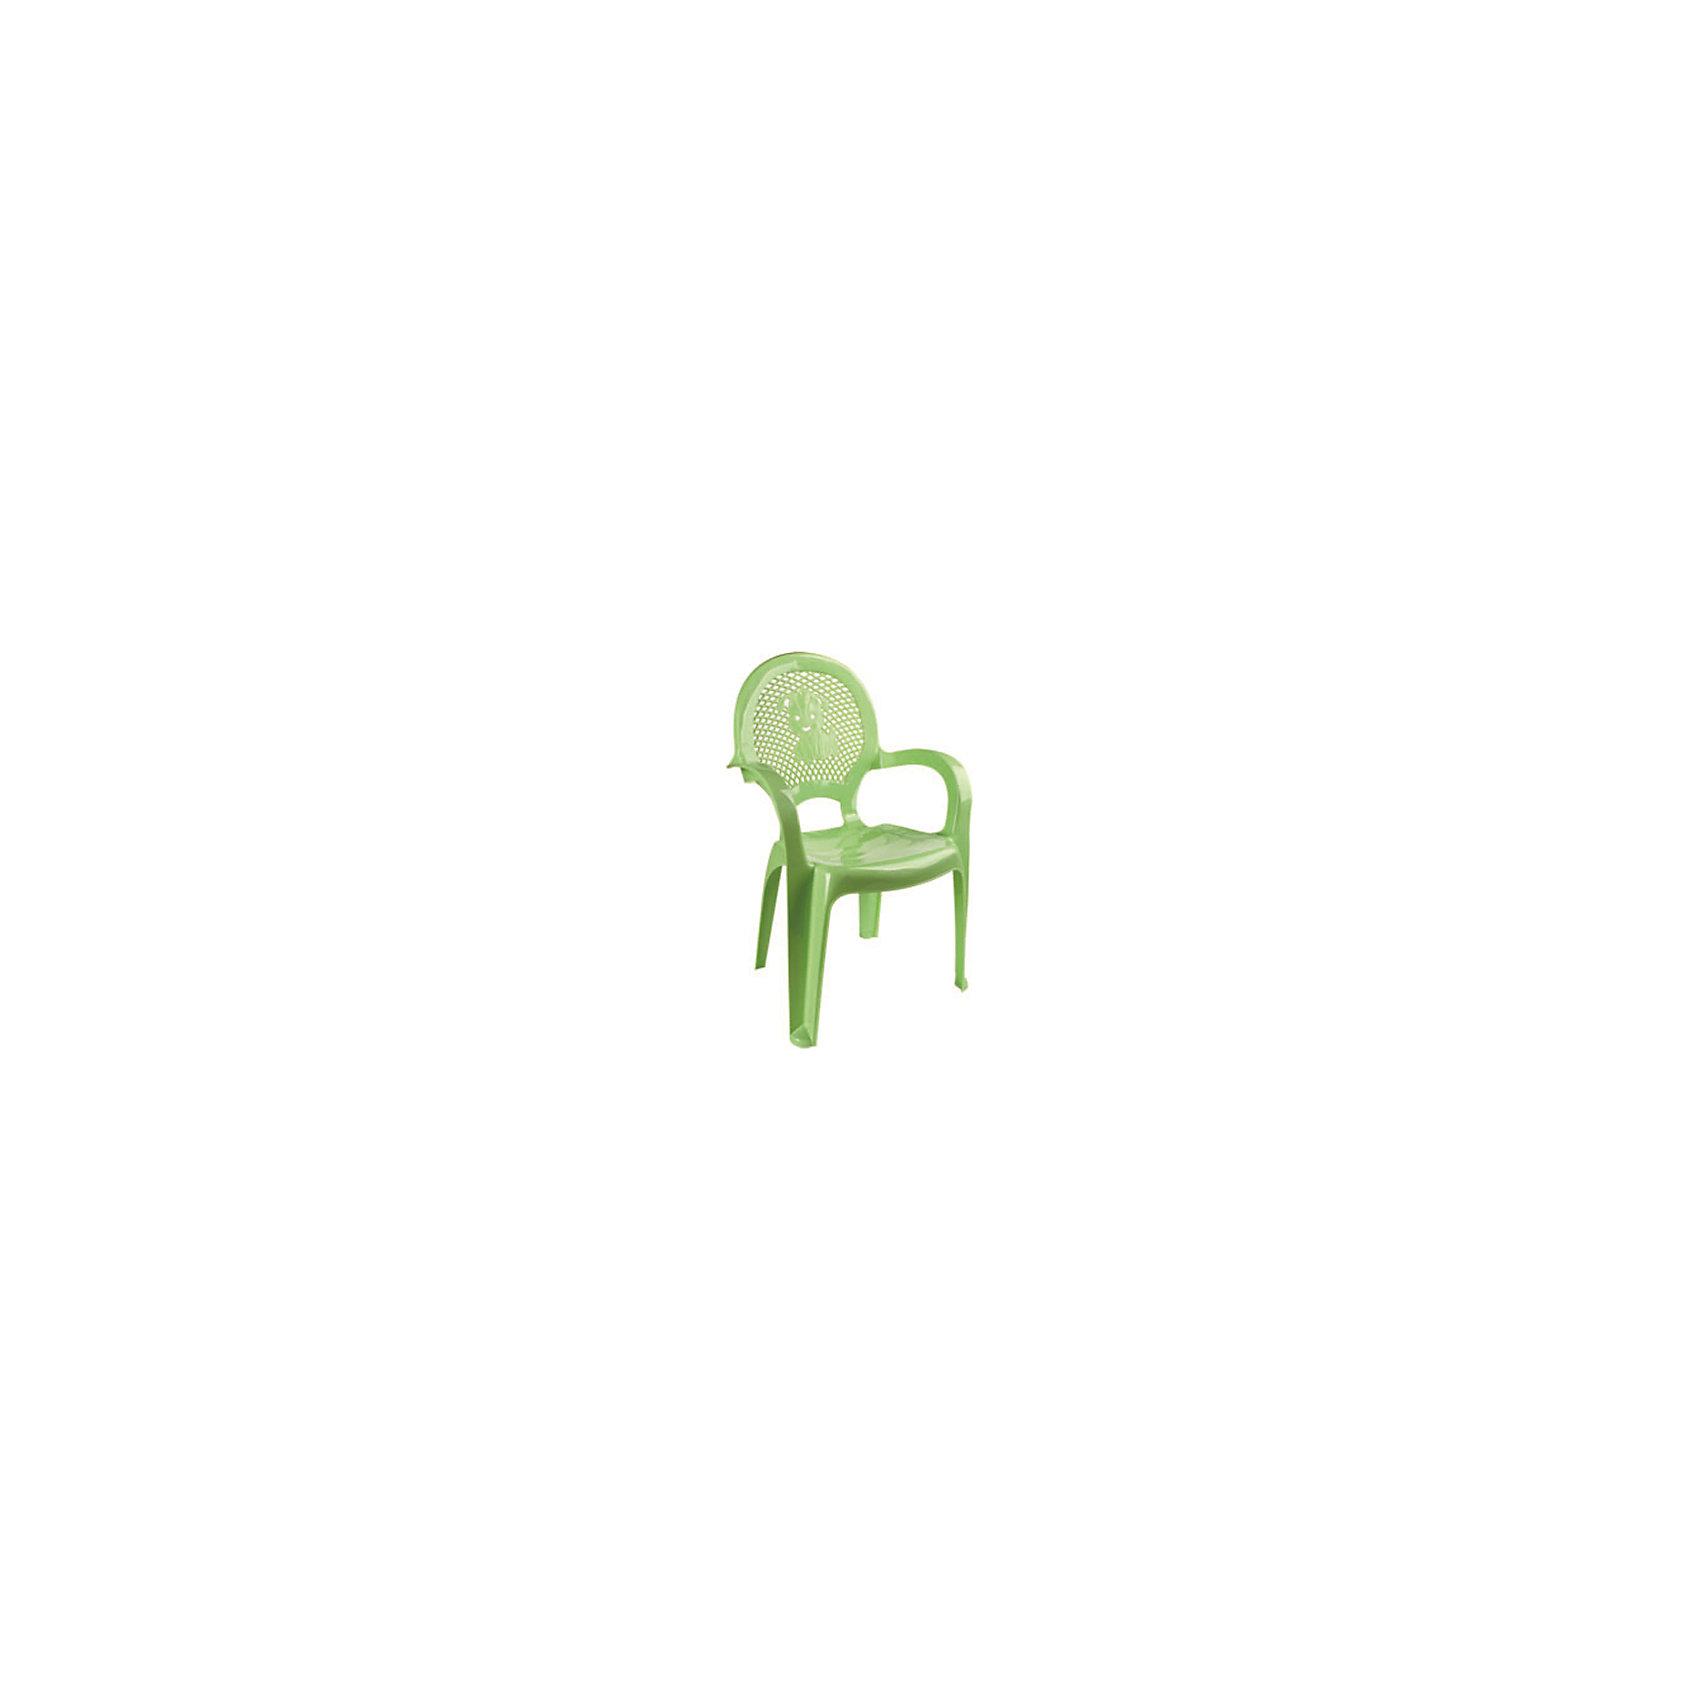 Зеленый стулЯркий, удобный стульчик для вашего малыша. Изделие изготовлено из высококачественной пластмассы с использованием современных технологий. Все условия для комфорта вашего малыша: спинка высокая, сетчатая, эргономичные подлокотники, форма компактная и удобная для хранения - стулья можно составить один в другой, легко моется водой с любым моющим средством. <br><br>Дополнительная информация:<br><br>Материал: пластик.<br>Размер: высота - 55 см.<br>Цвет: зеленый.<br><br>Детский стульчик в зеленом цвете, можно купить в нашем магазине.<br><br>Ширина мм: 9999<br>Глубина мм: 9999<br>Высота мм: 9999<br>Вес г: 600<br>Возраст от месяцев: 24<br>Возраст до месяцев: 84<br>Пол: Унисекс<br>Возраст: Детский<br>SKU: 4718402